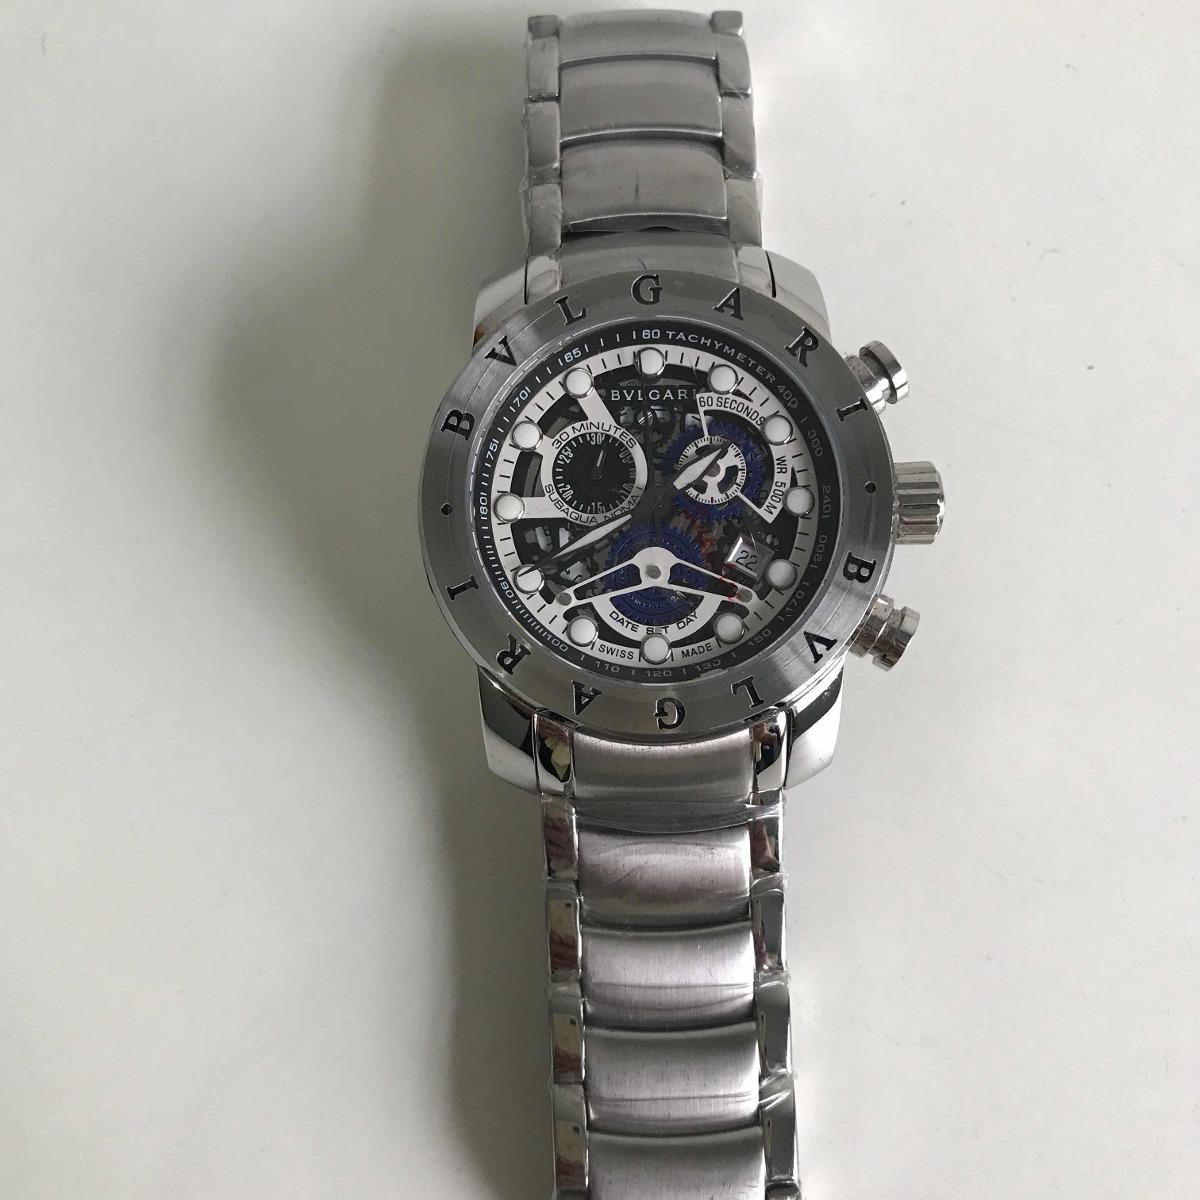 04d429534e5 relógio bvlgari iron man prata esqueleto. Carregando zoom.